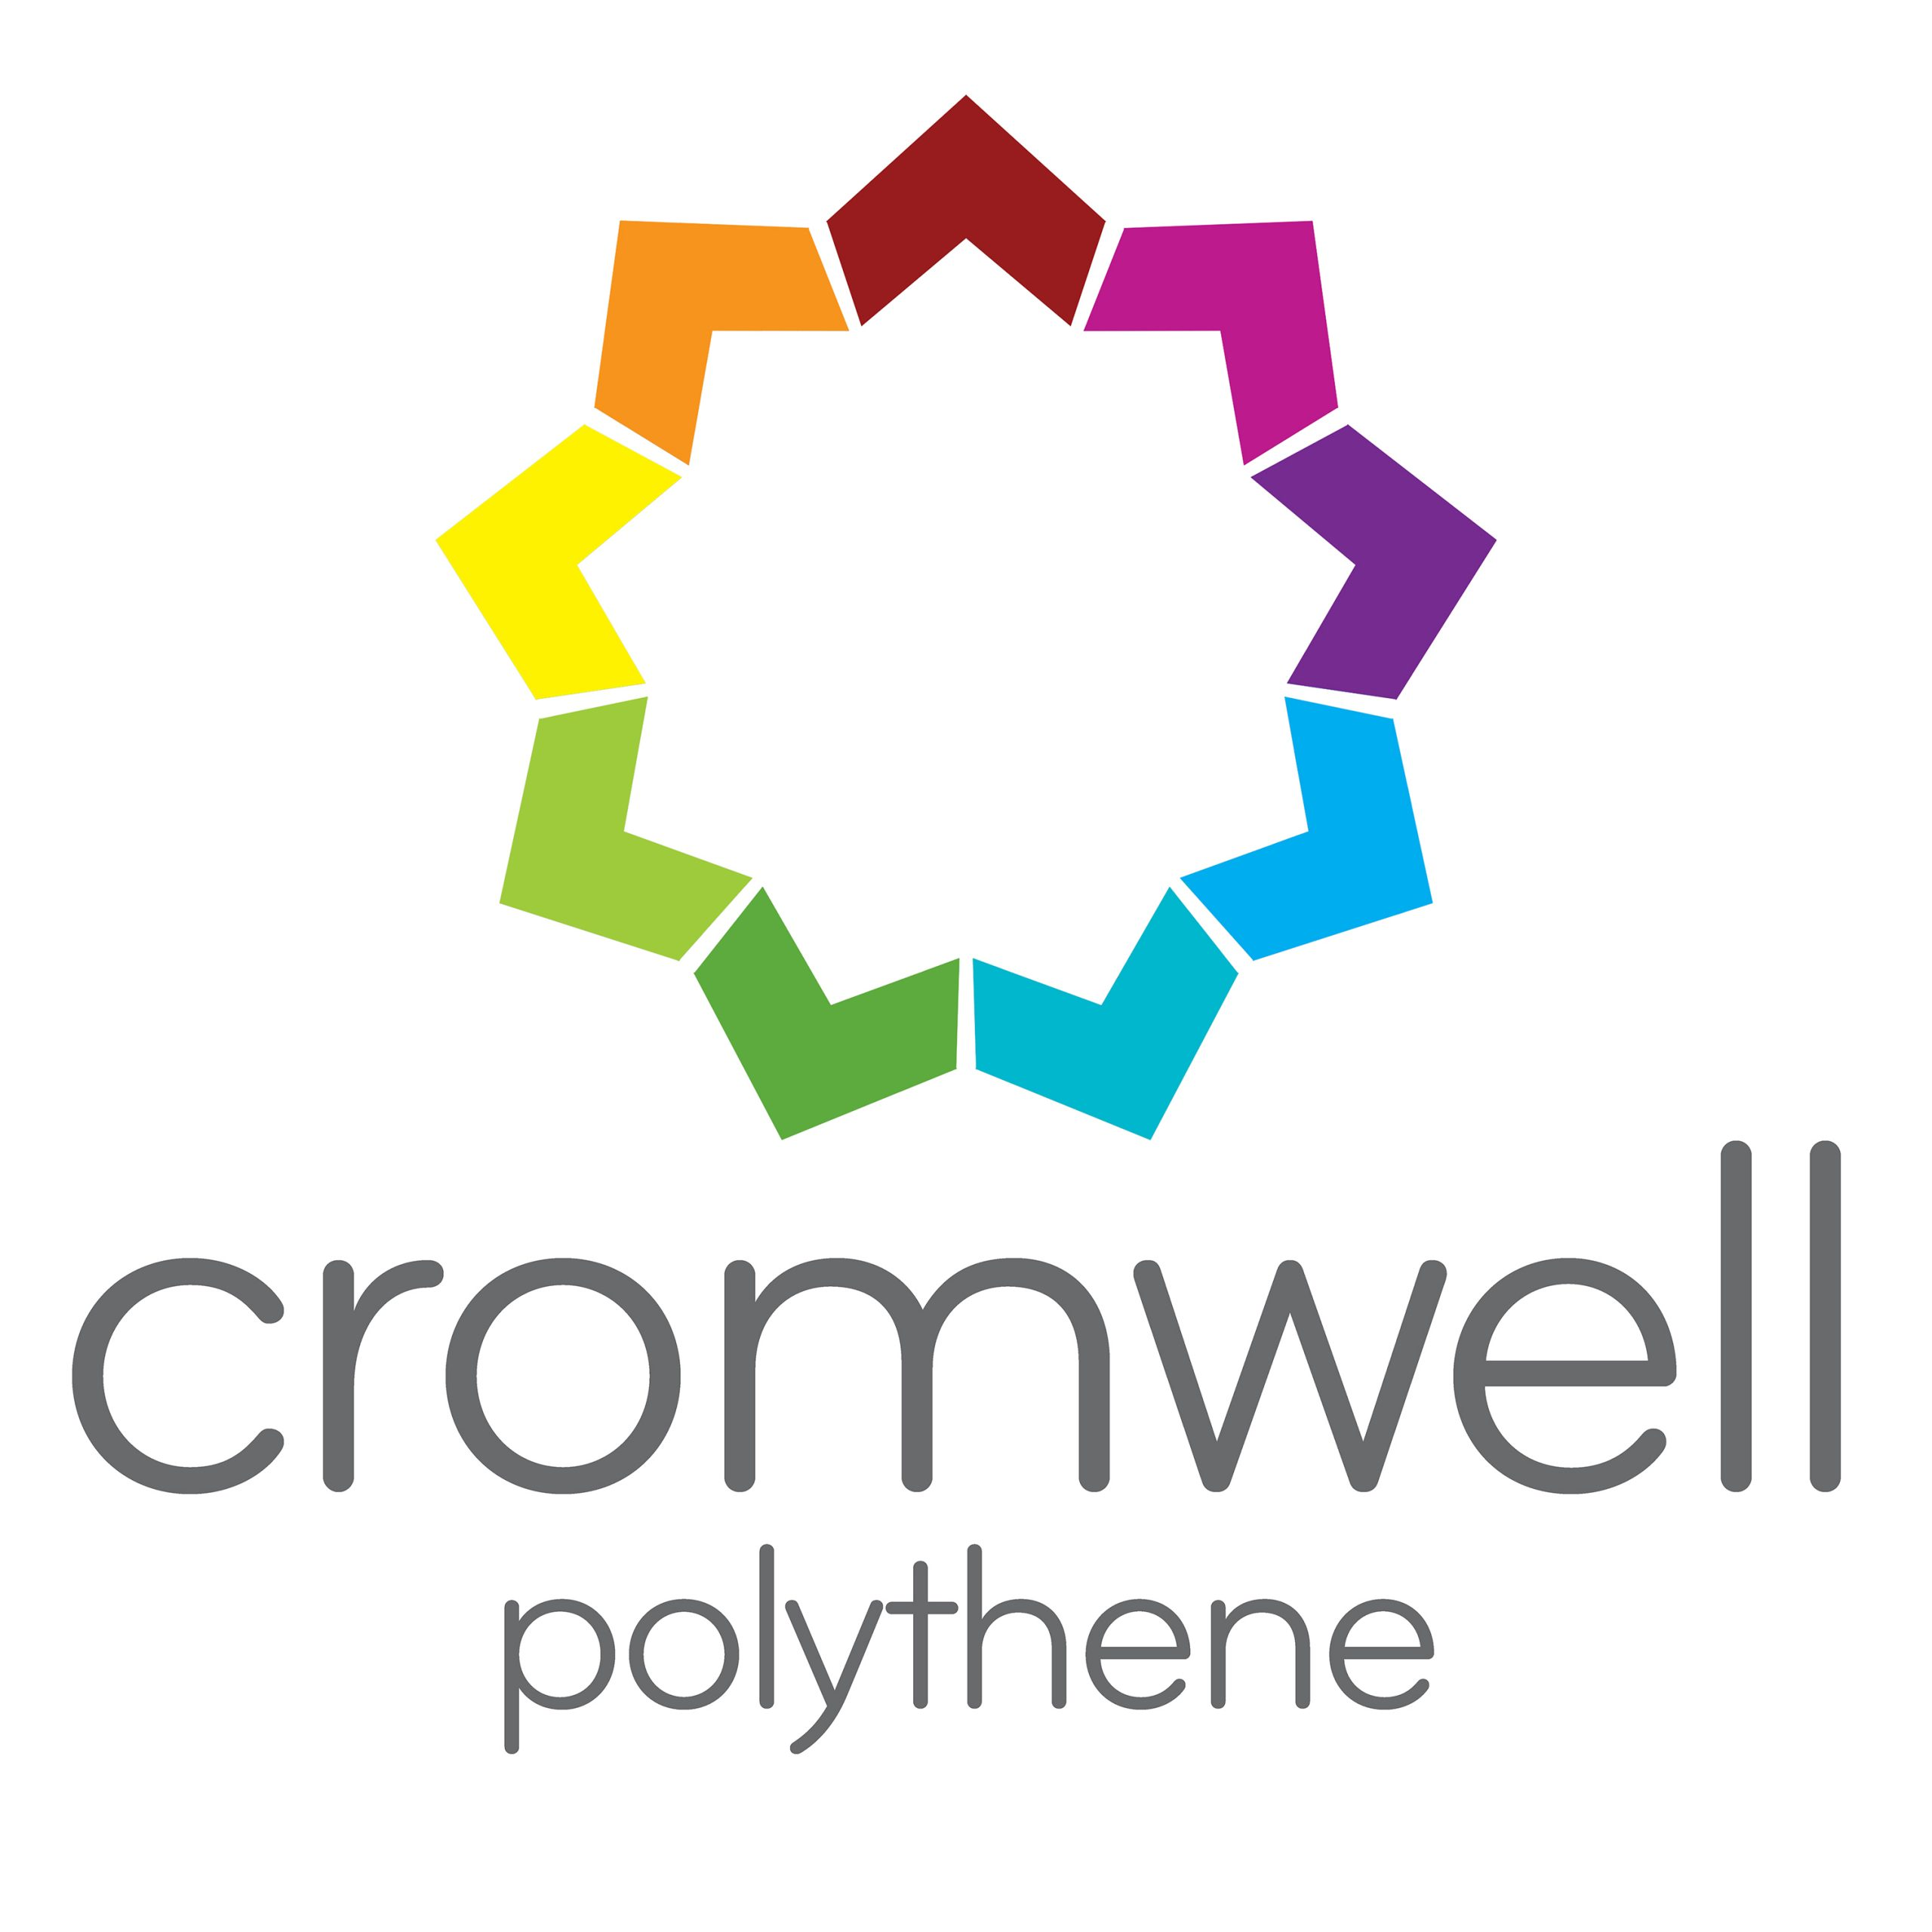 www.cromwellpolythene.co.uk